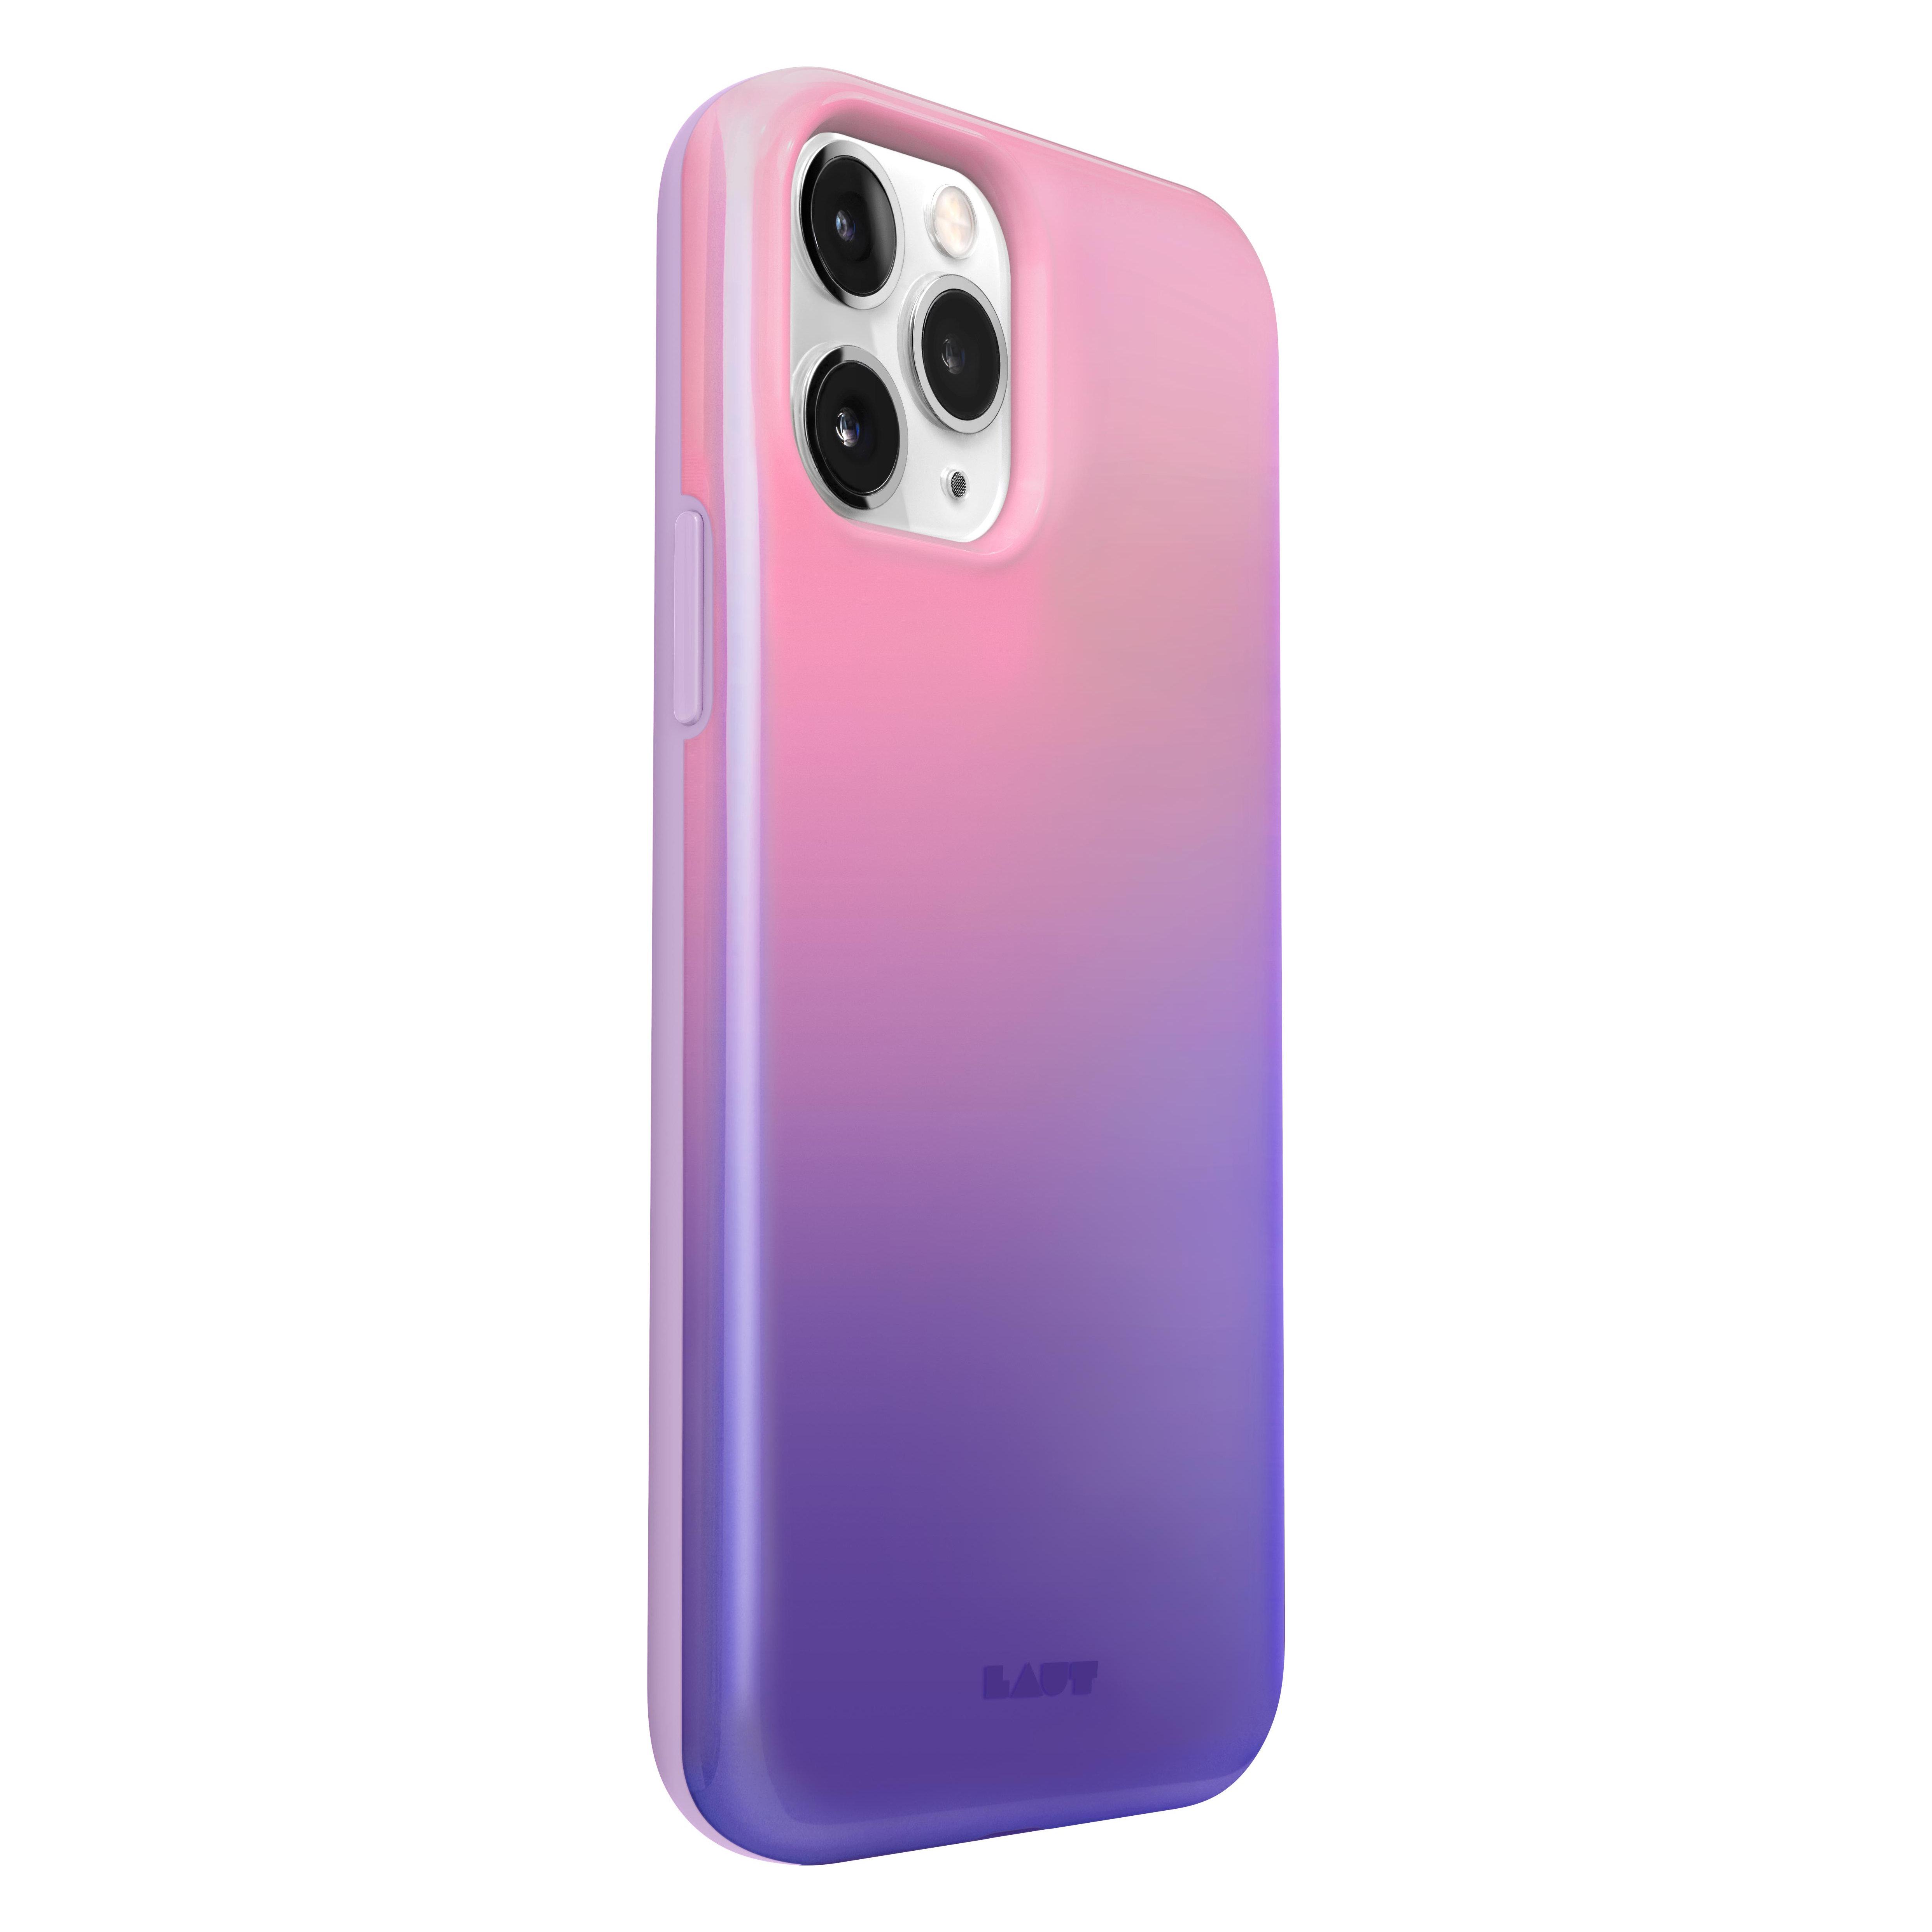 LAUT Huex kunststof hoesje voor iPhone 12 en iPhone 12 Pro - roze en paars_